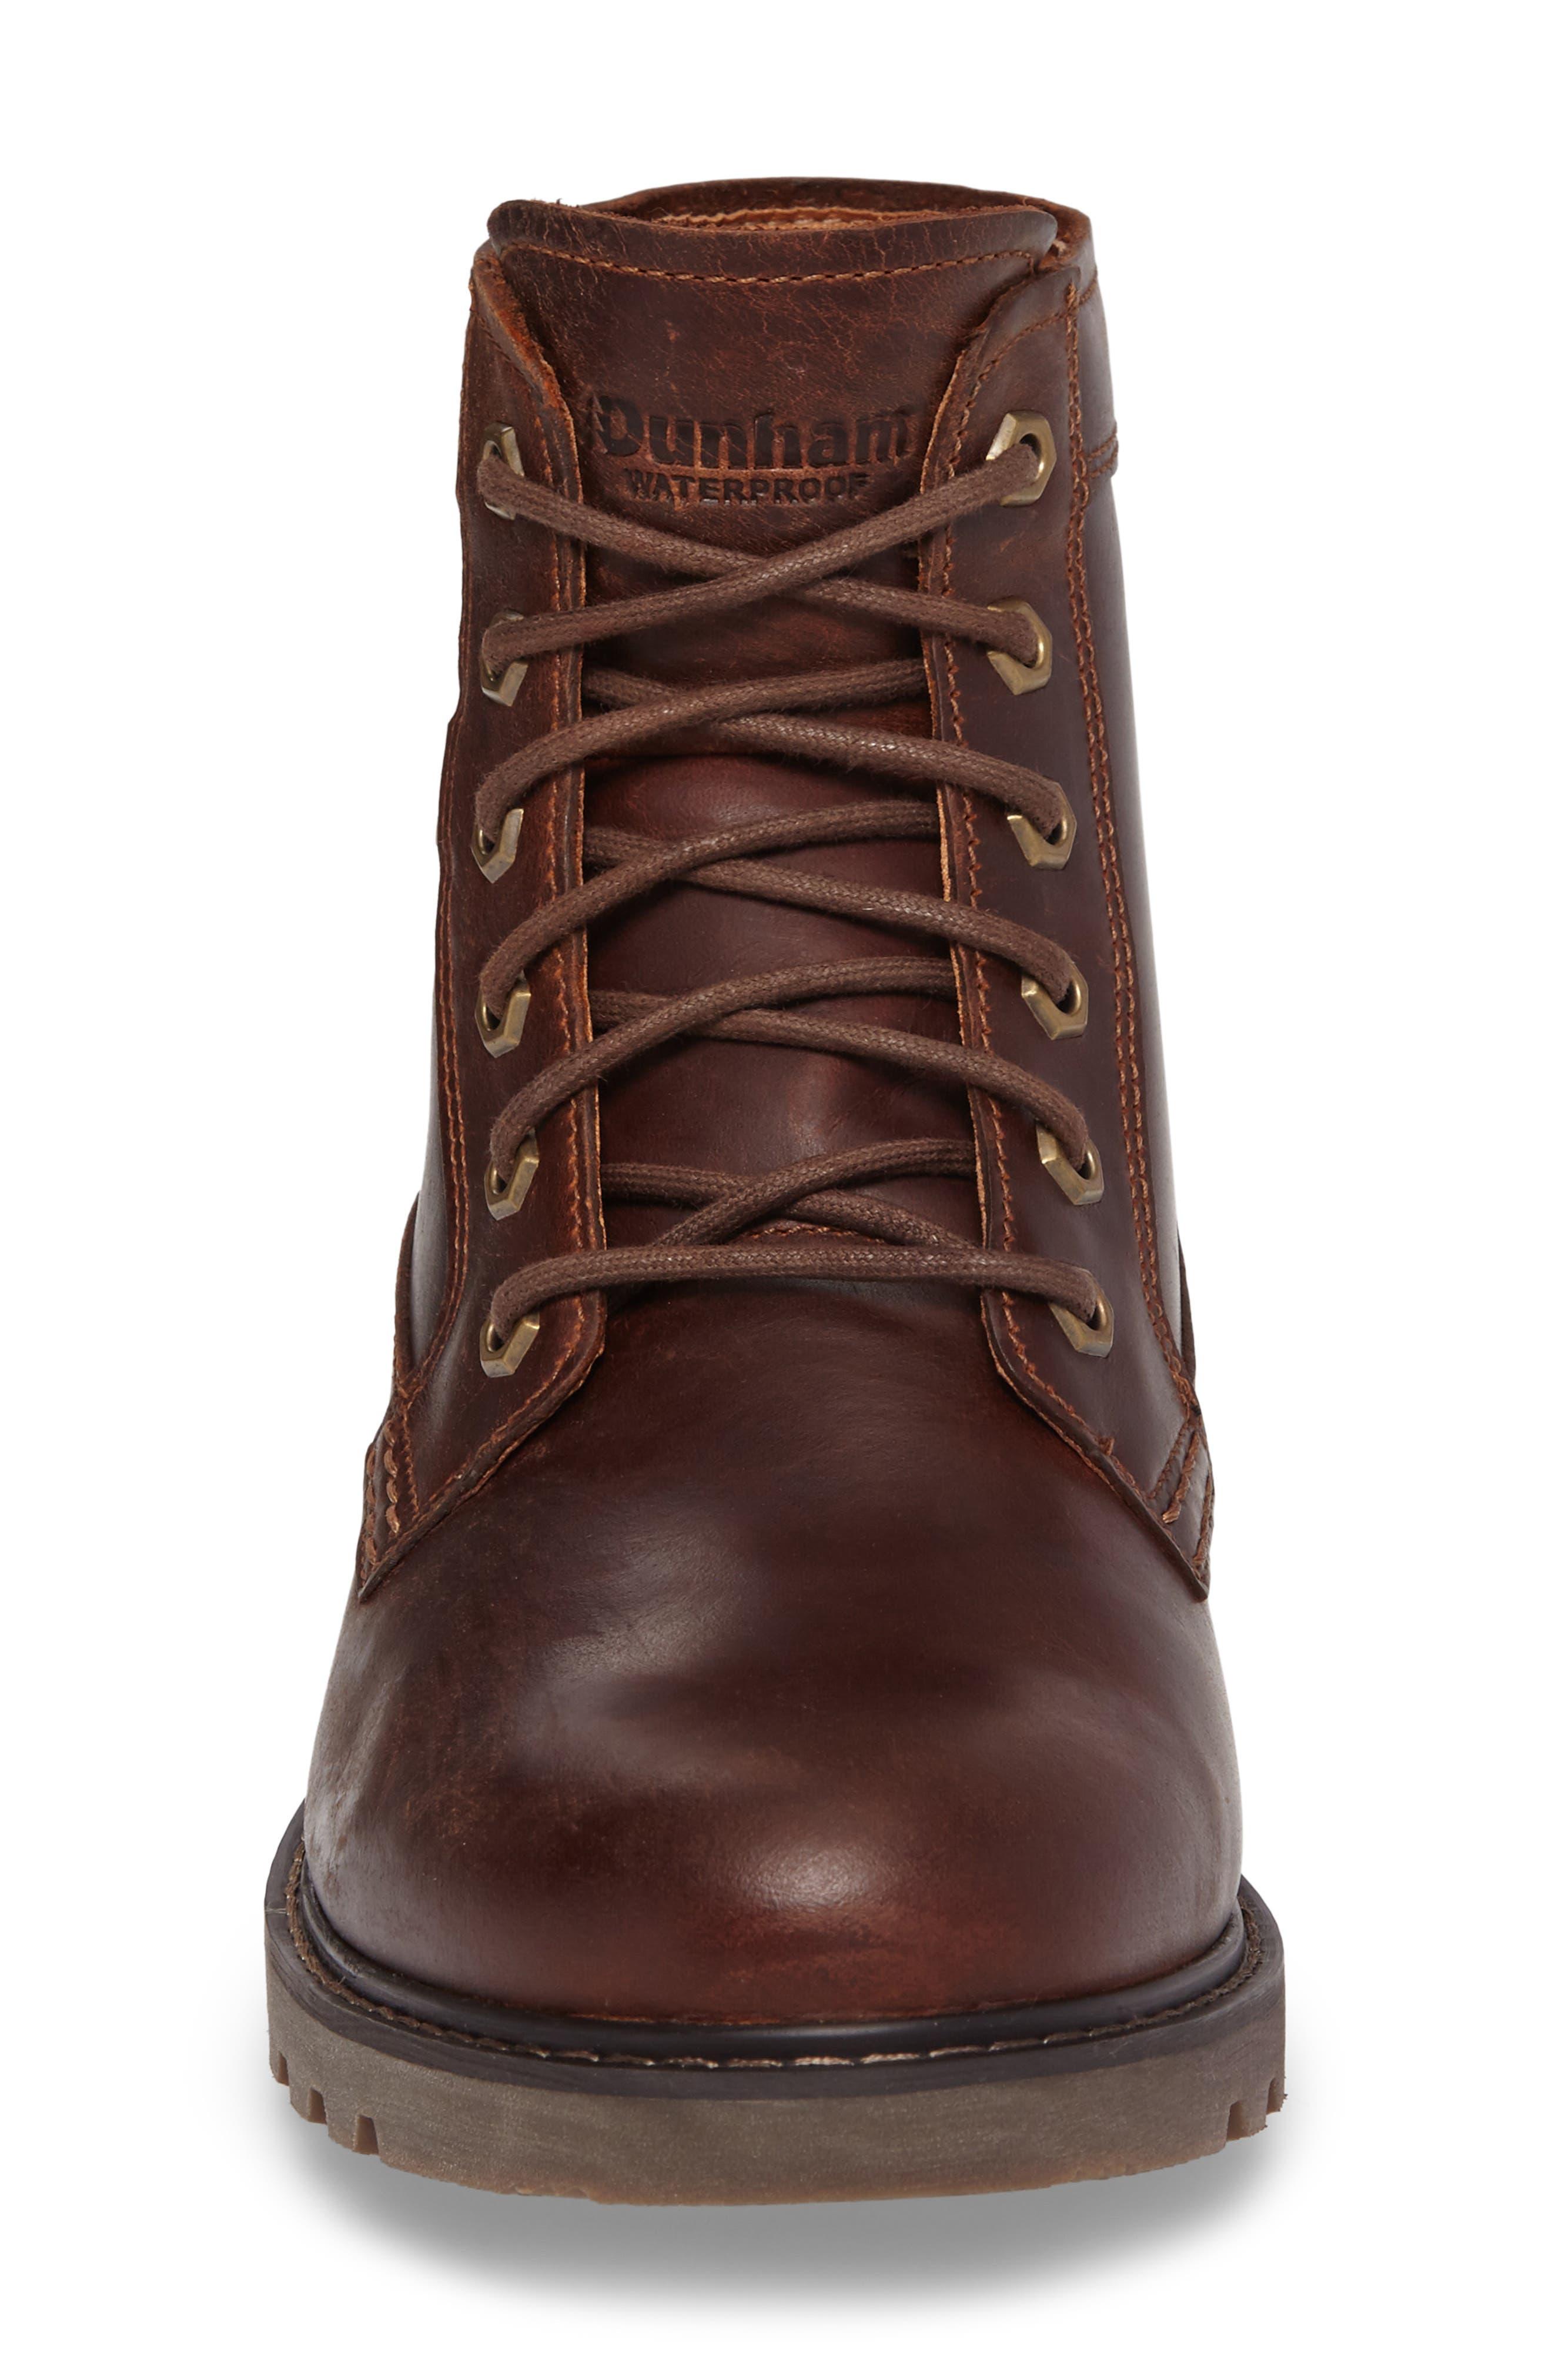 Royalton Plain Toe Boot,                             Alternate thumbnail 4, color,                             BROWN